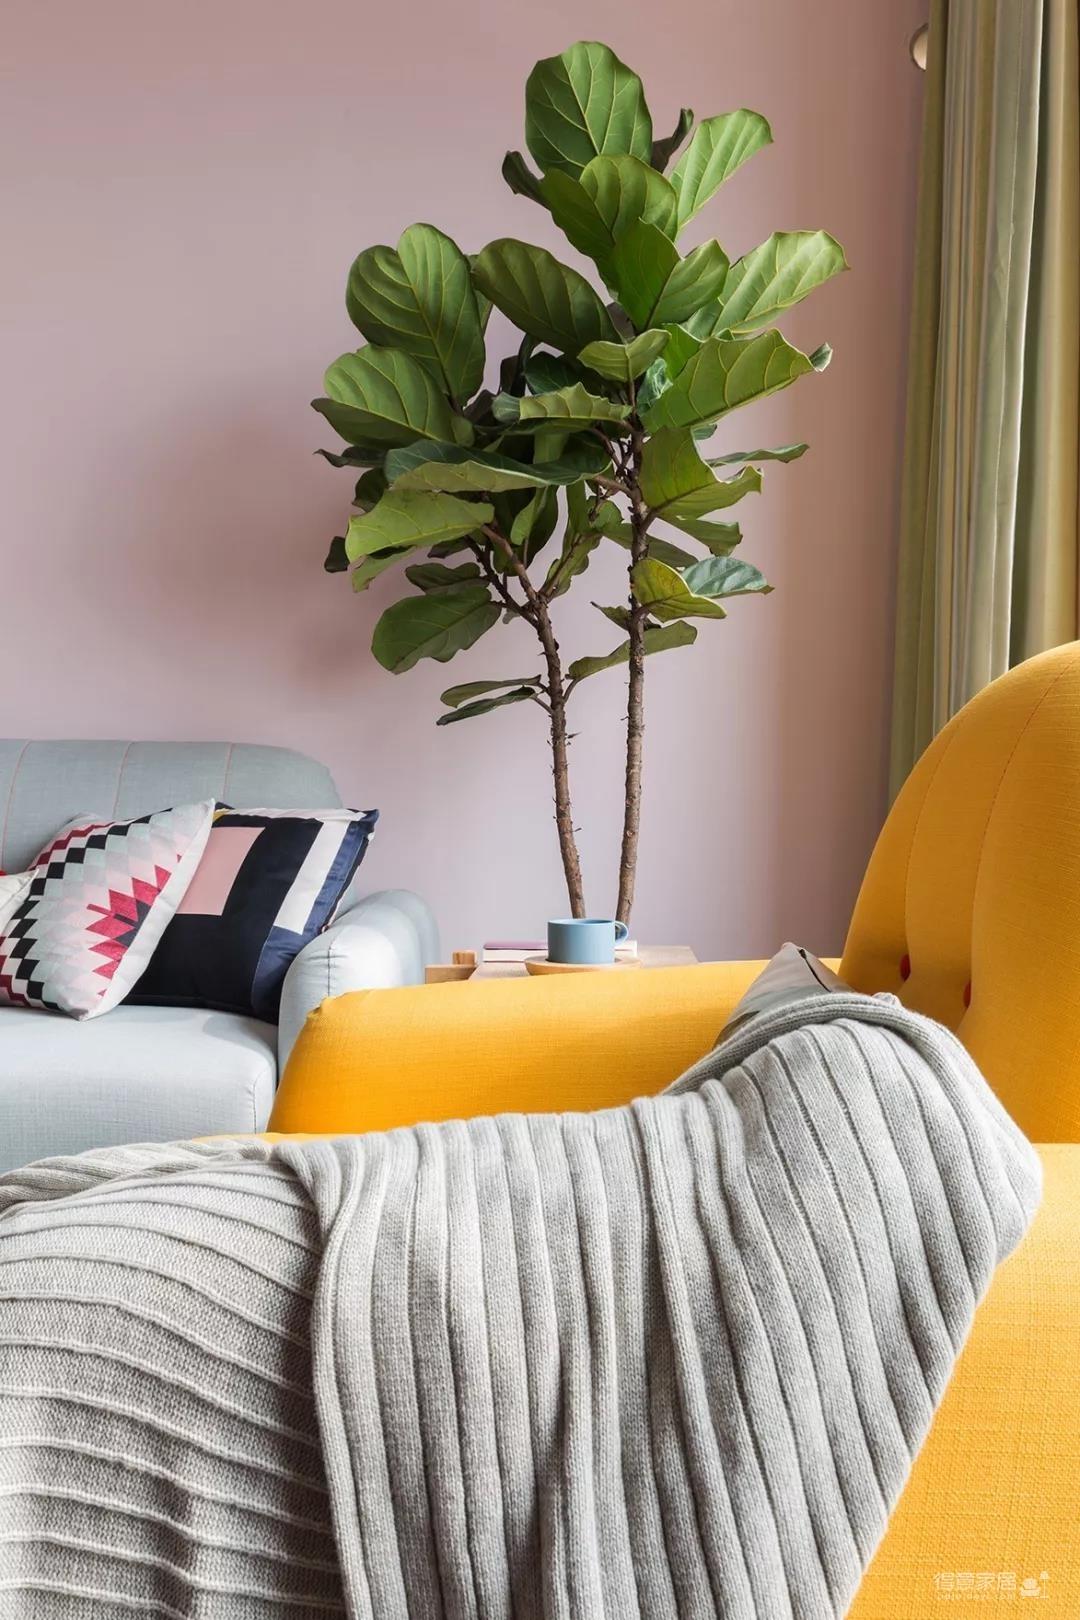 70㎡浪漫小北欧,喜欢这样粉调的客厅,暖心惬意!